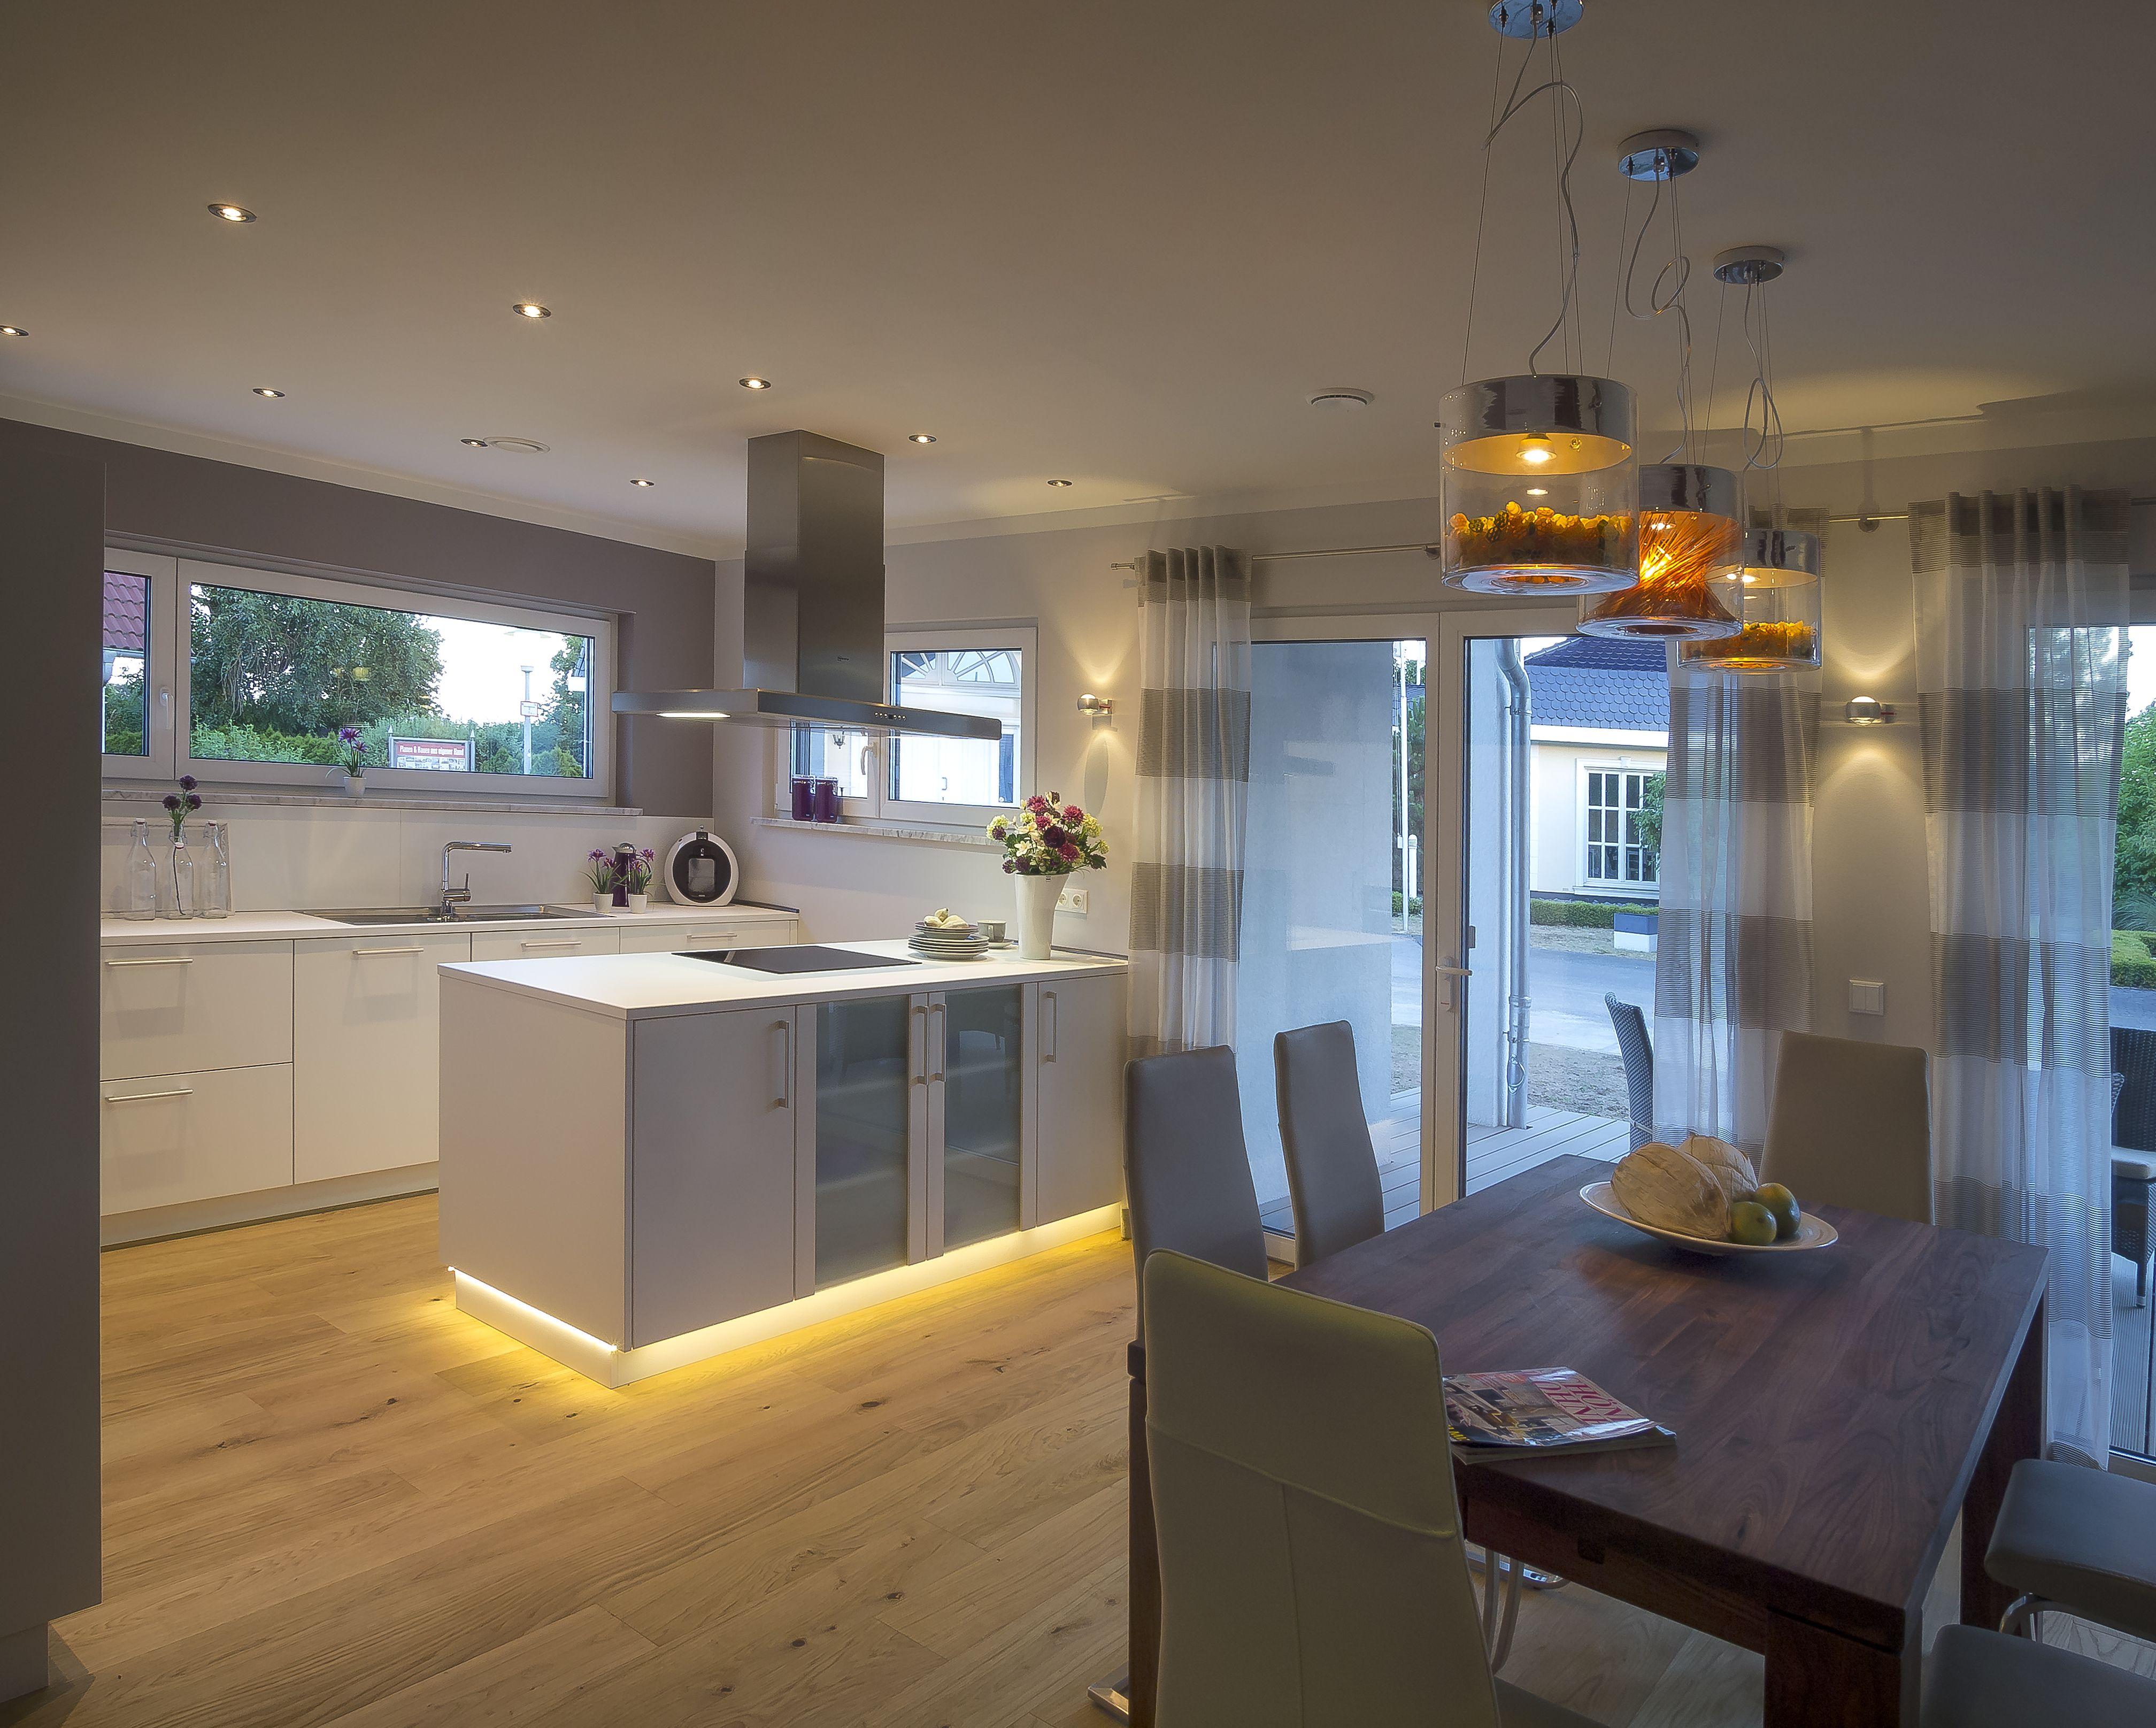 Bildergebnis für grundriss doppelhaushälfte küche | My Style ...